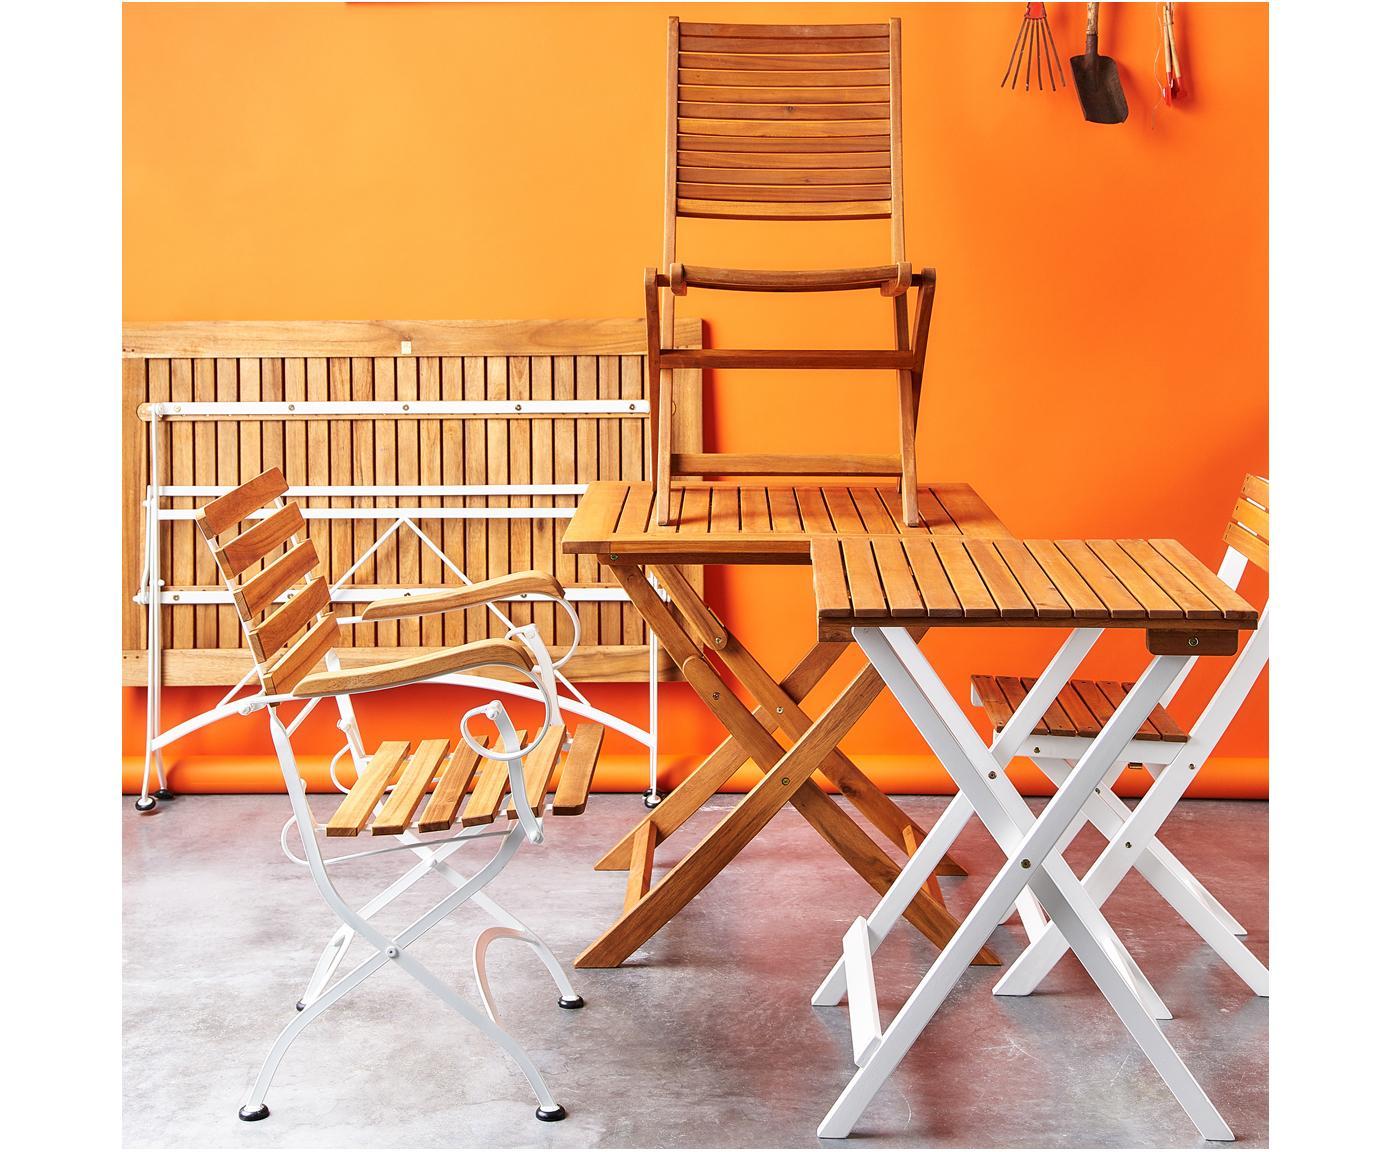 Klapstoelen Parklife met armleuningen, 2 stuks, Zitvlak: geolied acaciahout, ®FSC-, Frame: verzinkt en gepoedercoat , Wit, acaciahoutkleurig, B 59 x D 52 cm